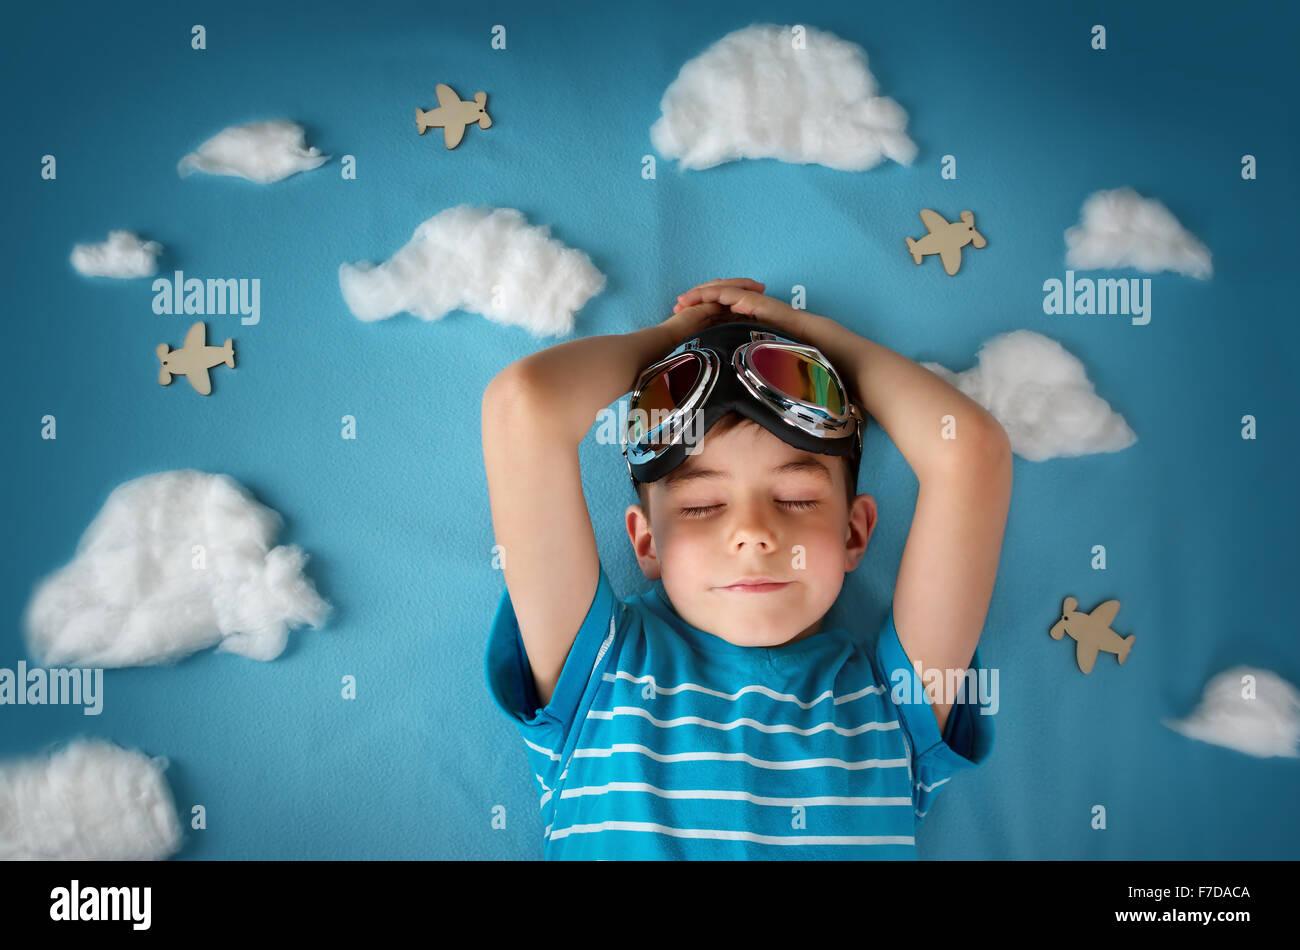 junge liegend auf Decke mit weißen Wolken Stockbild